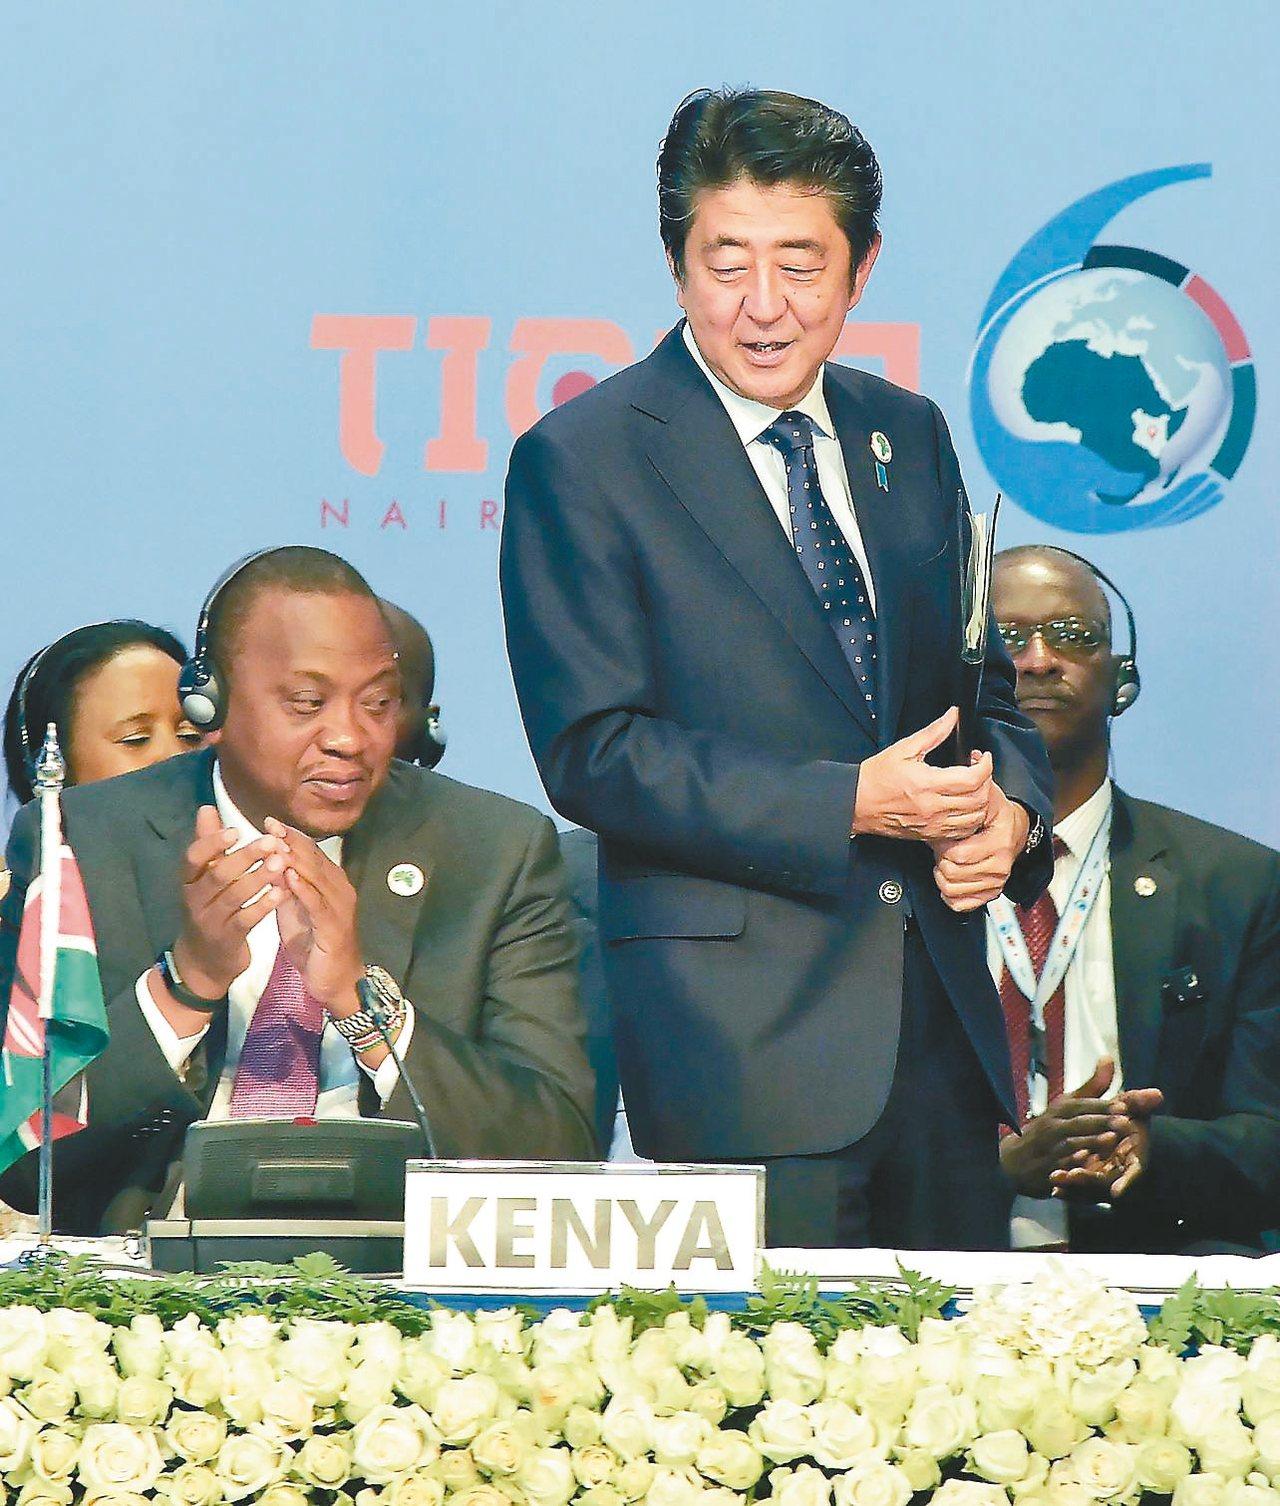 日本首相安倍晉三在開幕式致詞,左邊為東道主肯亞總統肯亞塔。 法新社